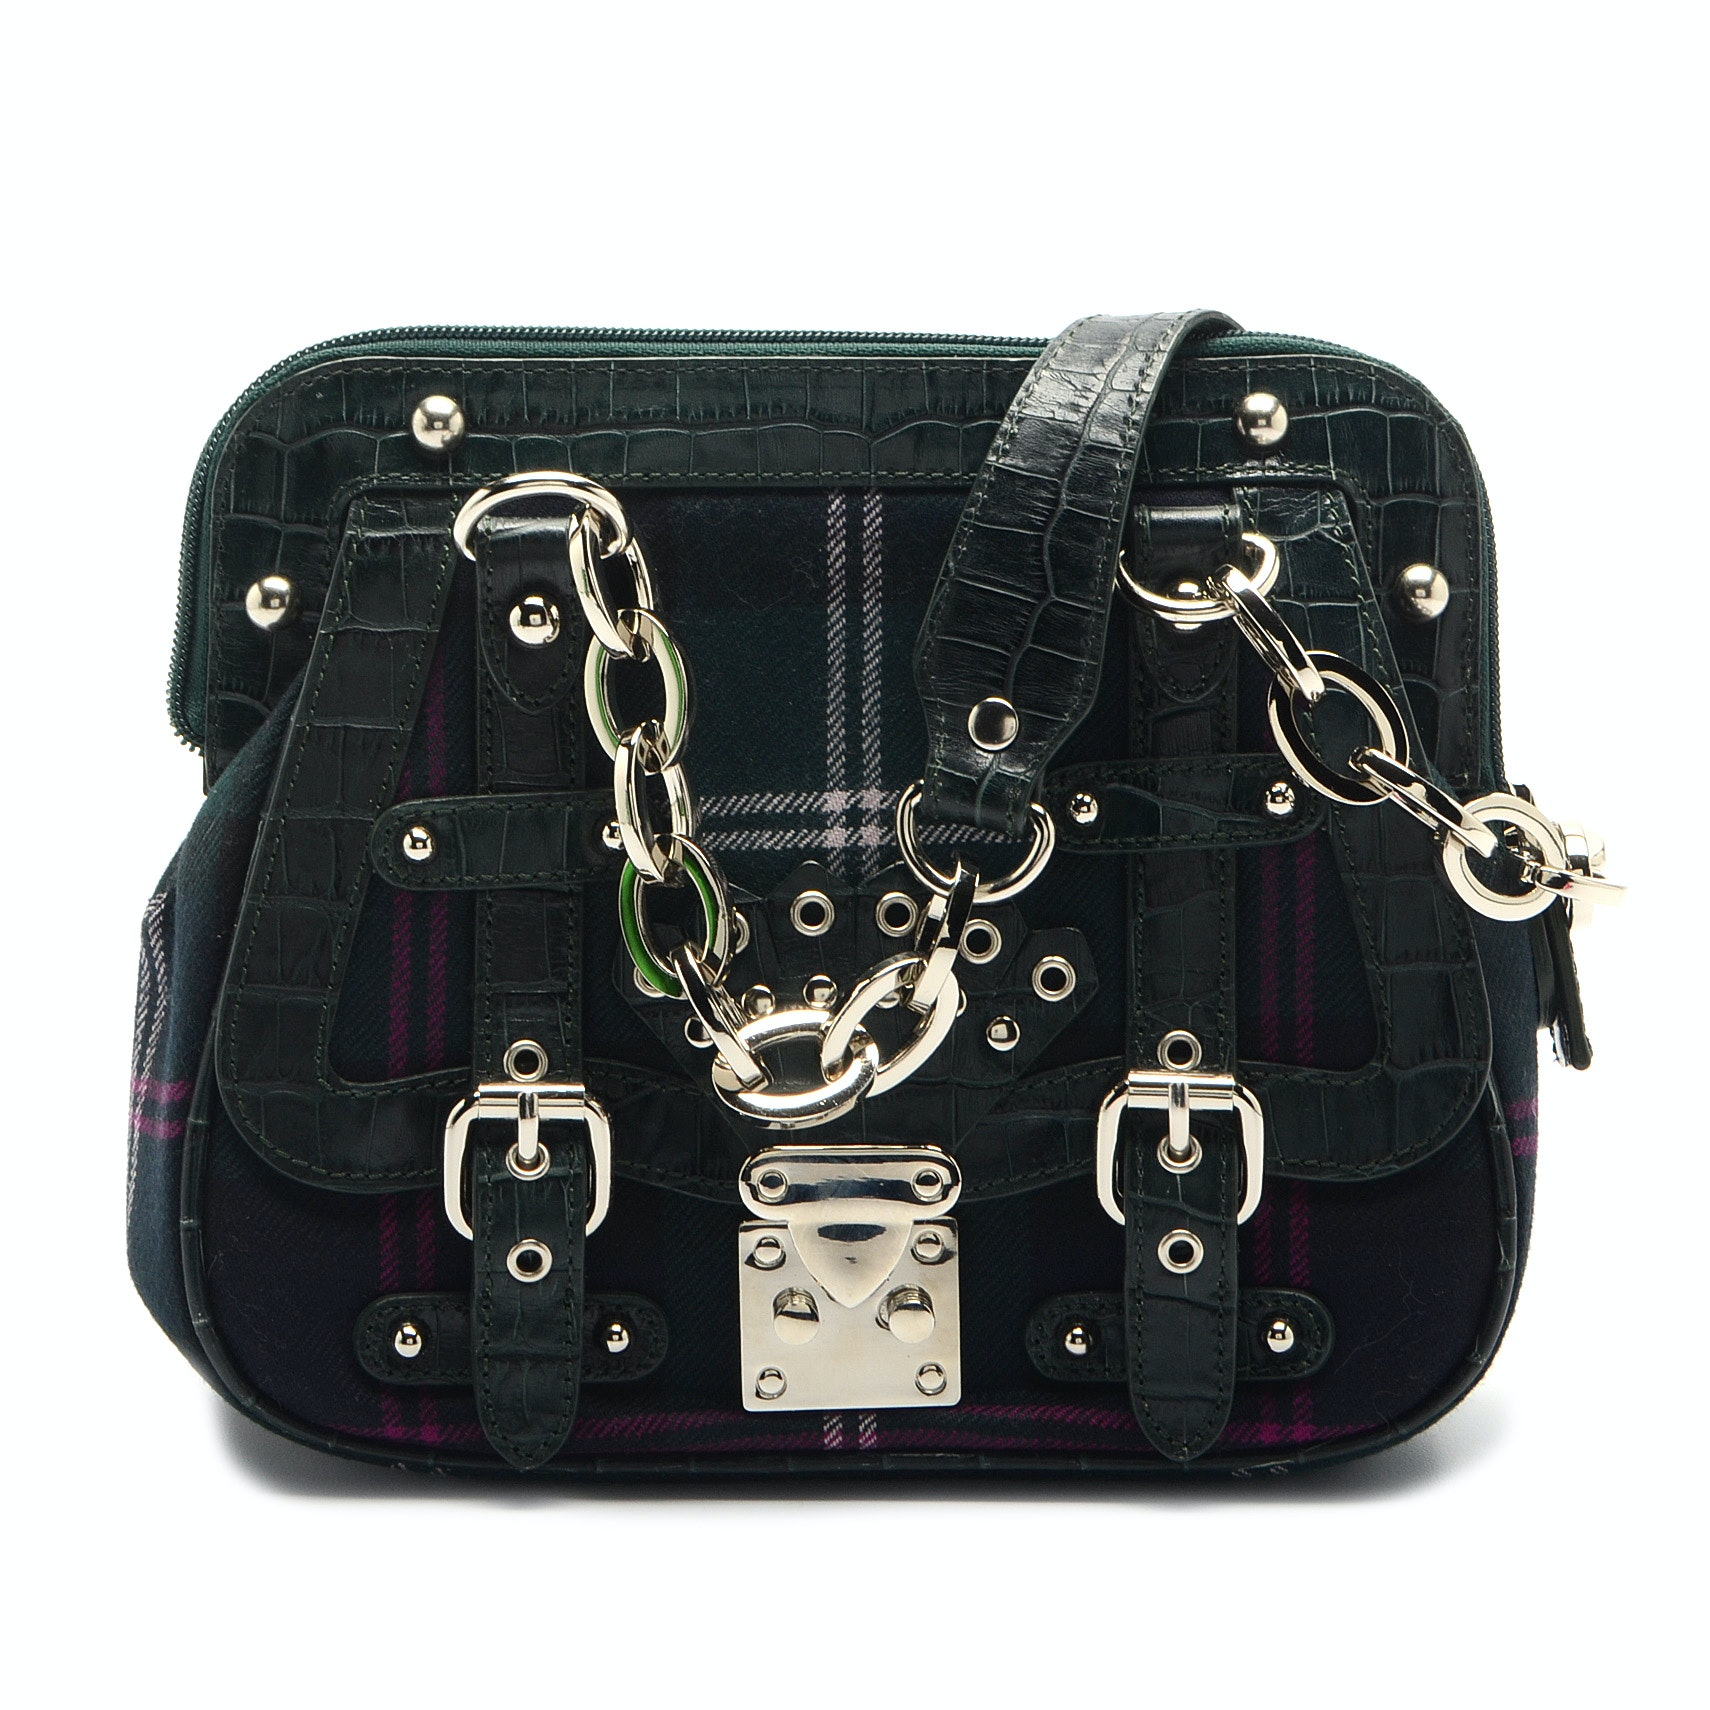 Carlisle Green Plaid Handbag